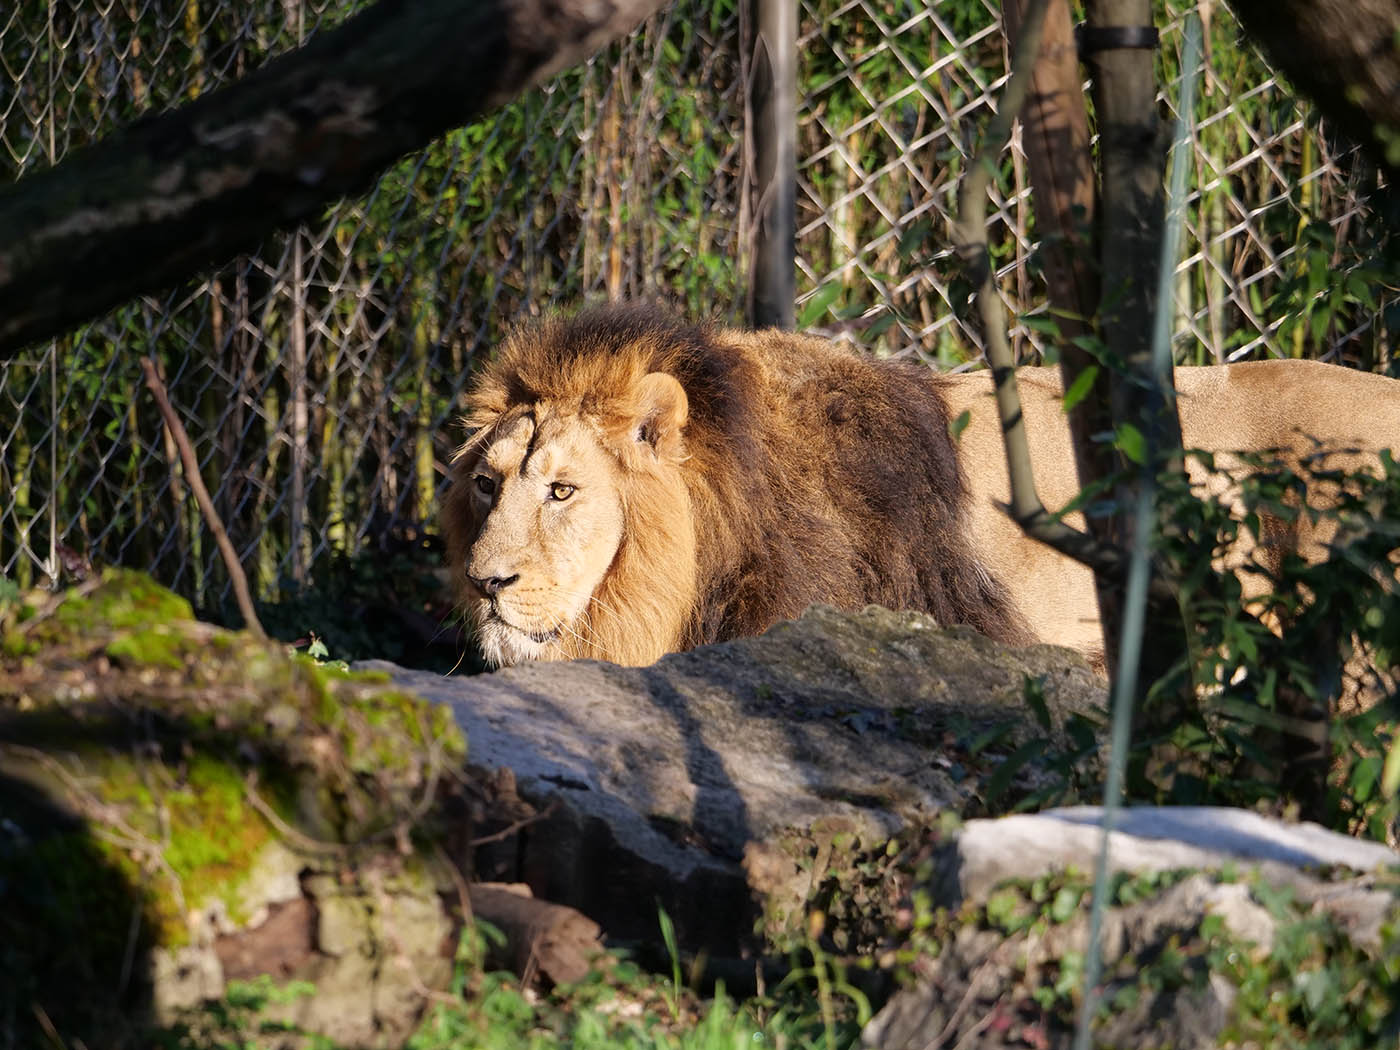 photo animalière d'un lion pris au Zoo du Parc de la Tête d'Or